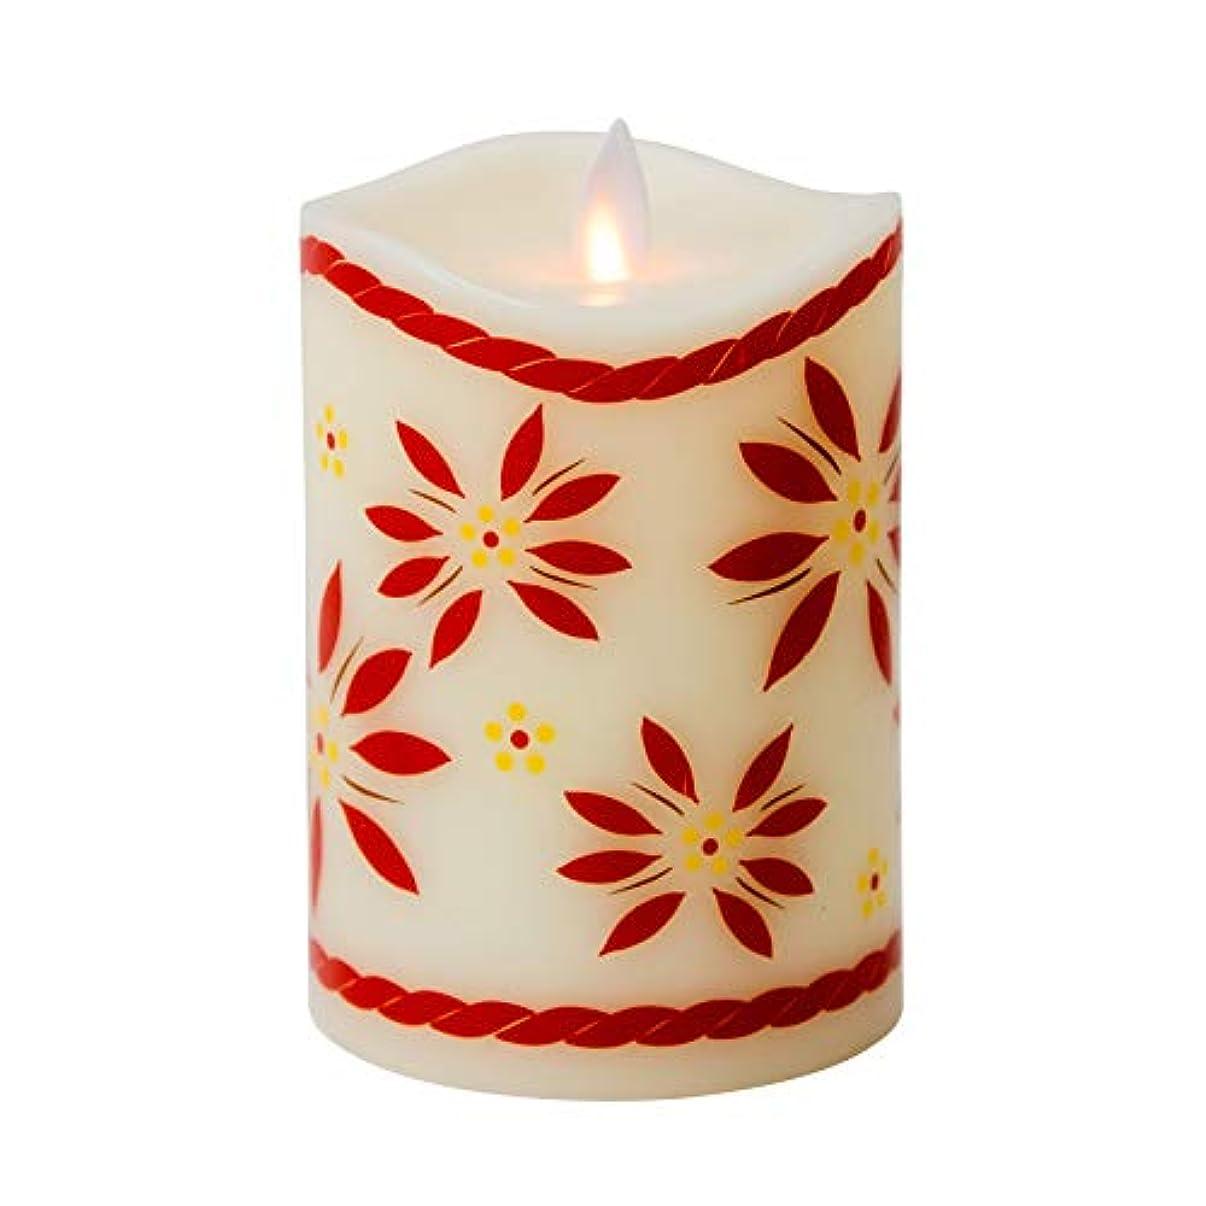 鎮痛剤アロング違反Boston Warehouse temp-tations by Tara Mystiqueパラフィンワックス5インチOld World Flameless Pillar Candle レッド 40441